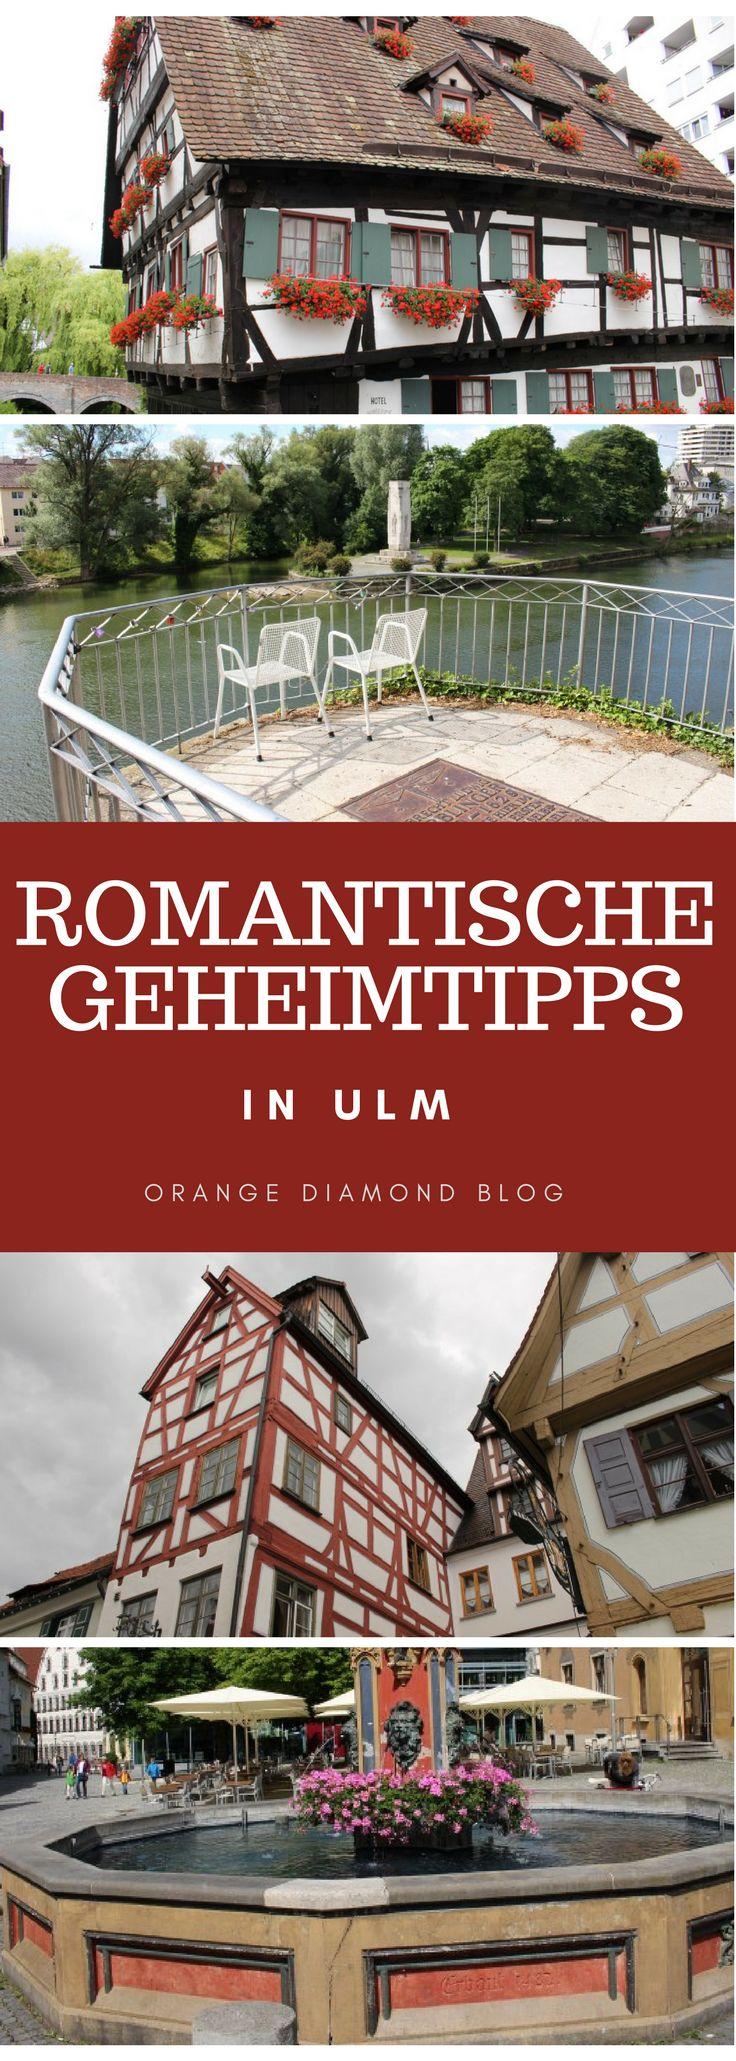 Romantische Fundstücke und Geheimtipps in ULM